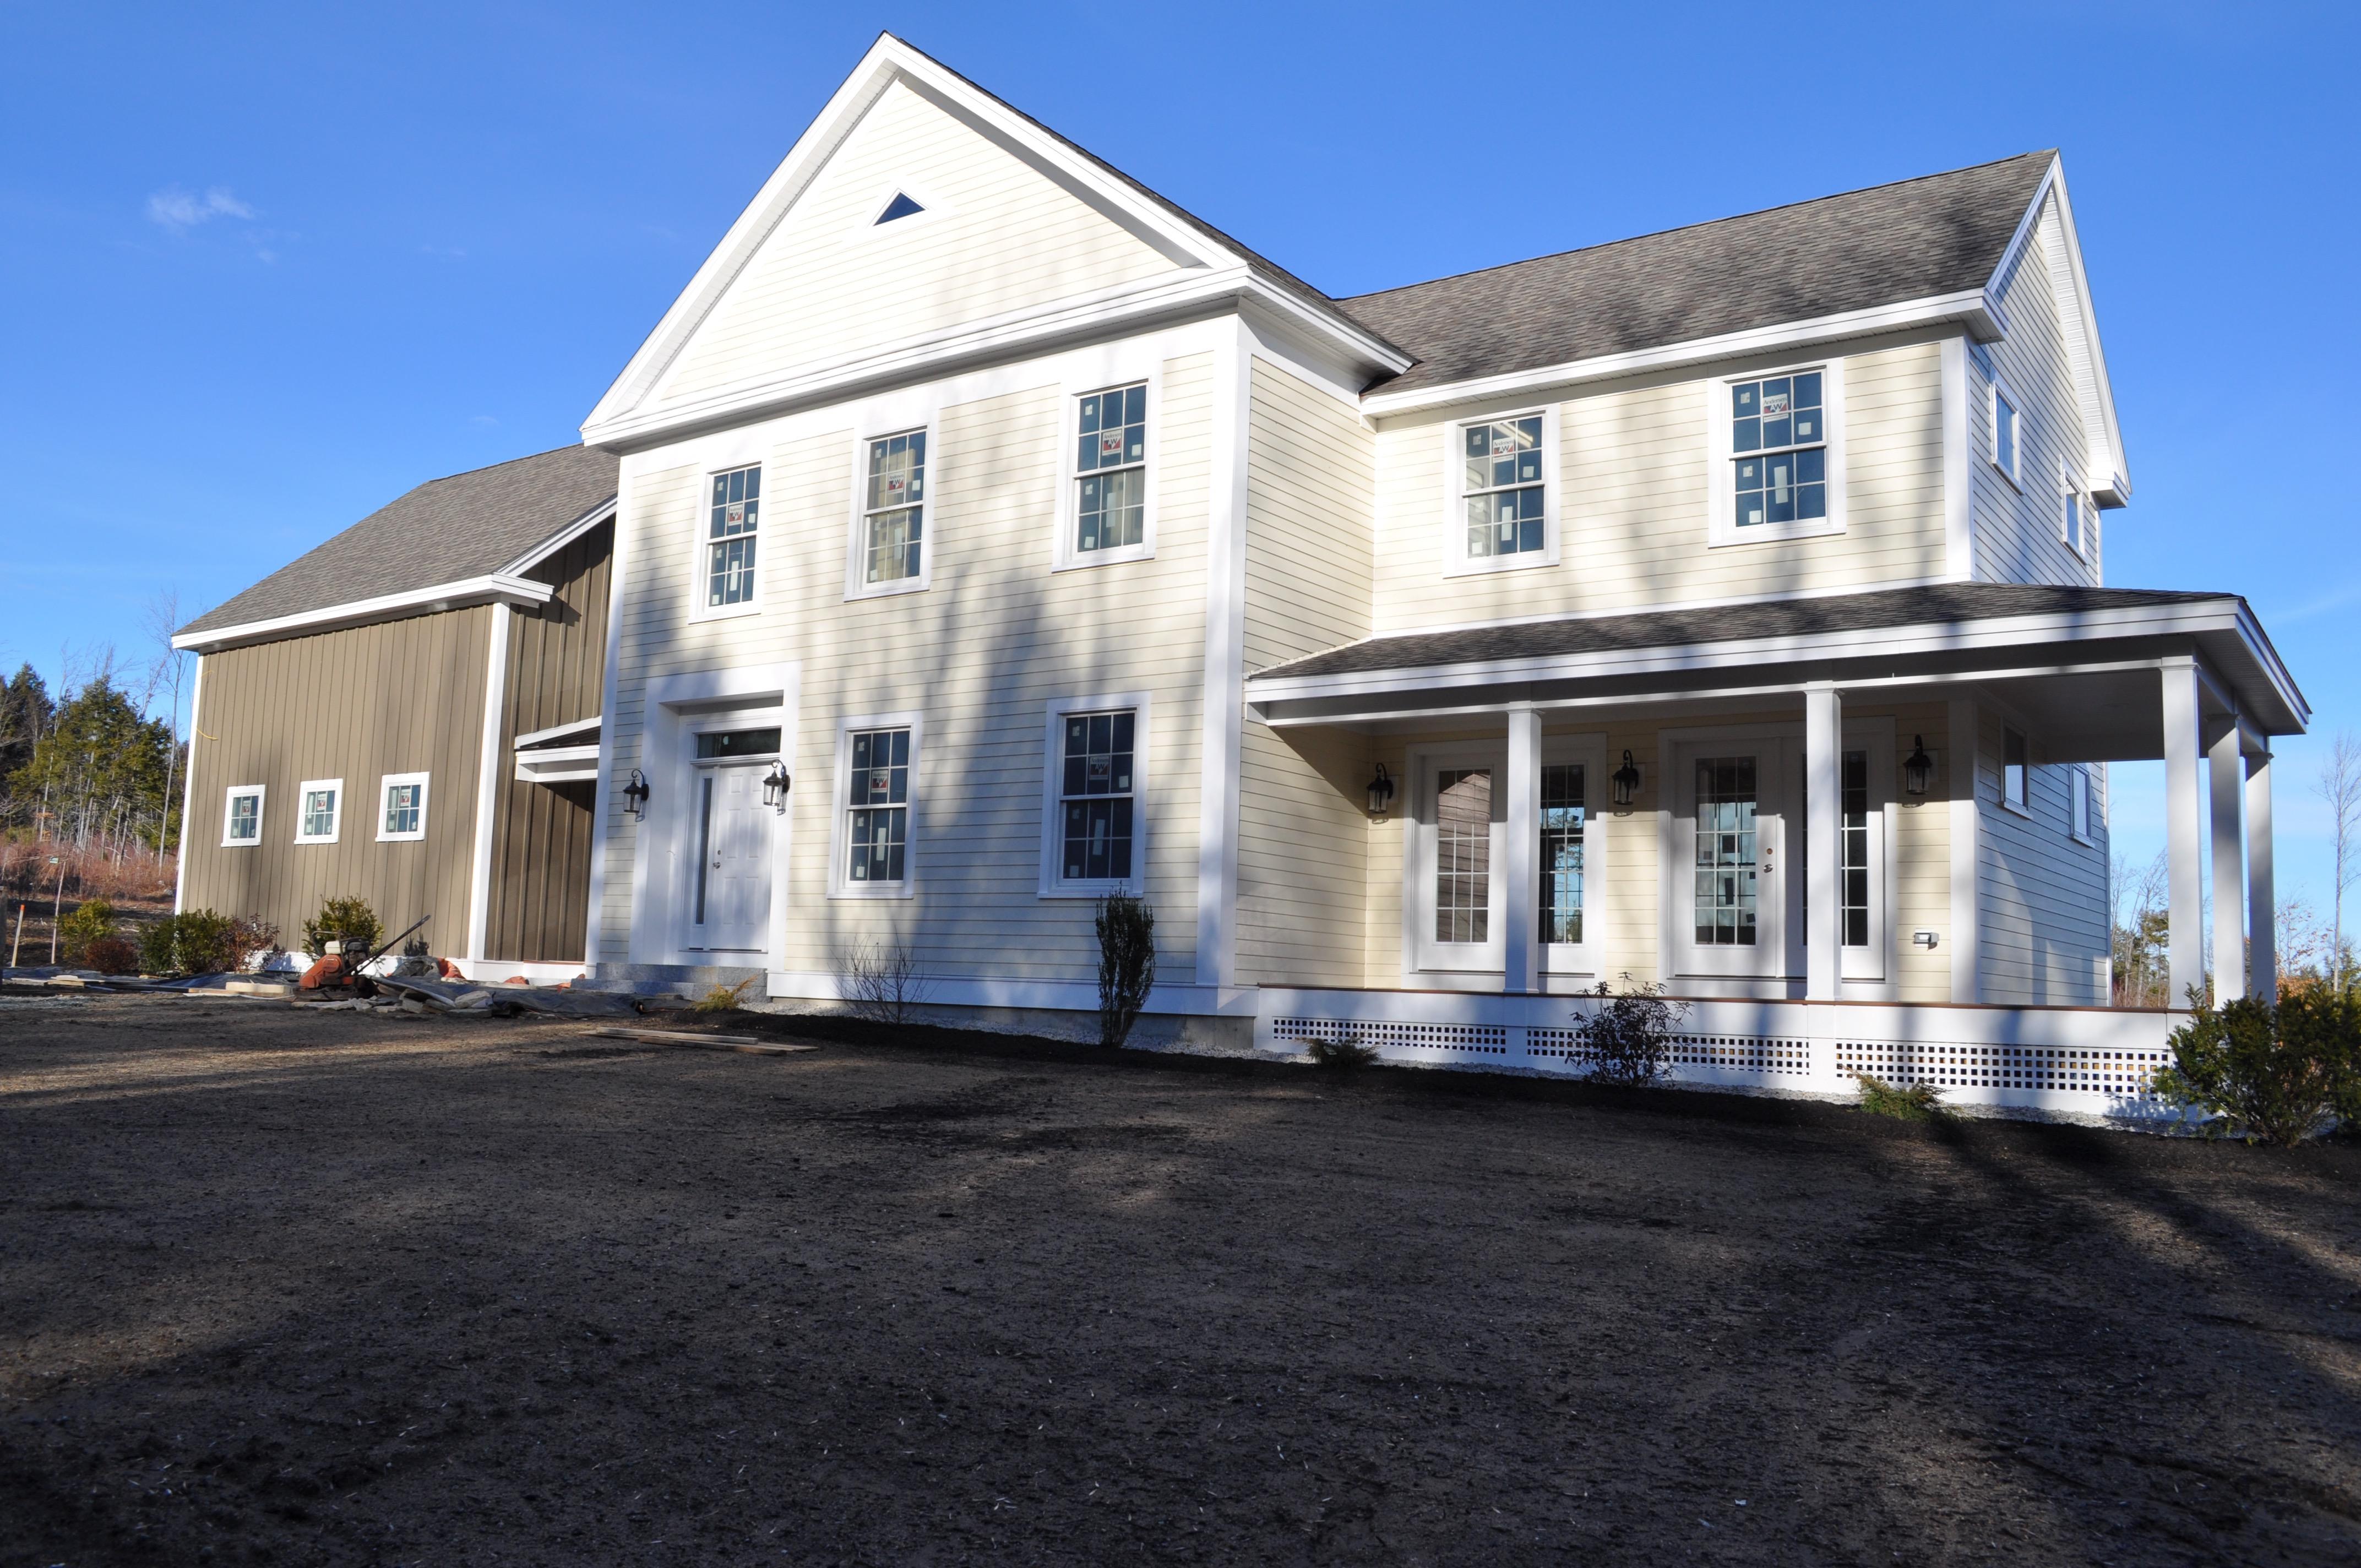 独户住宅 为 销售 在 533 Seamans Rd, New London 新伦敦, 新罕布什尔州, 03257 美国